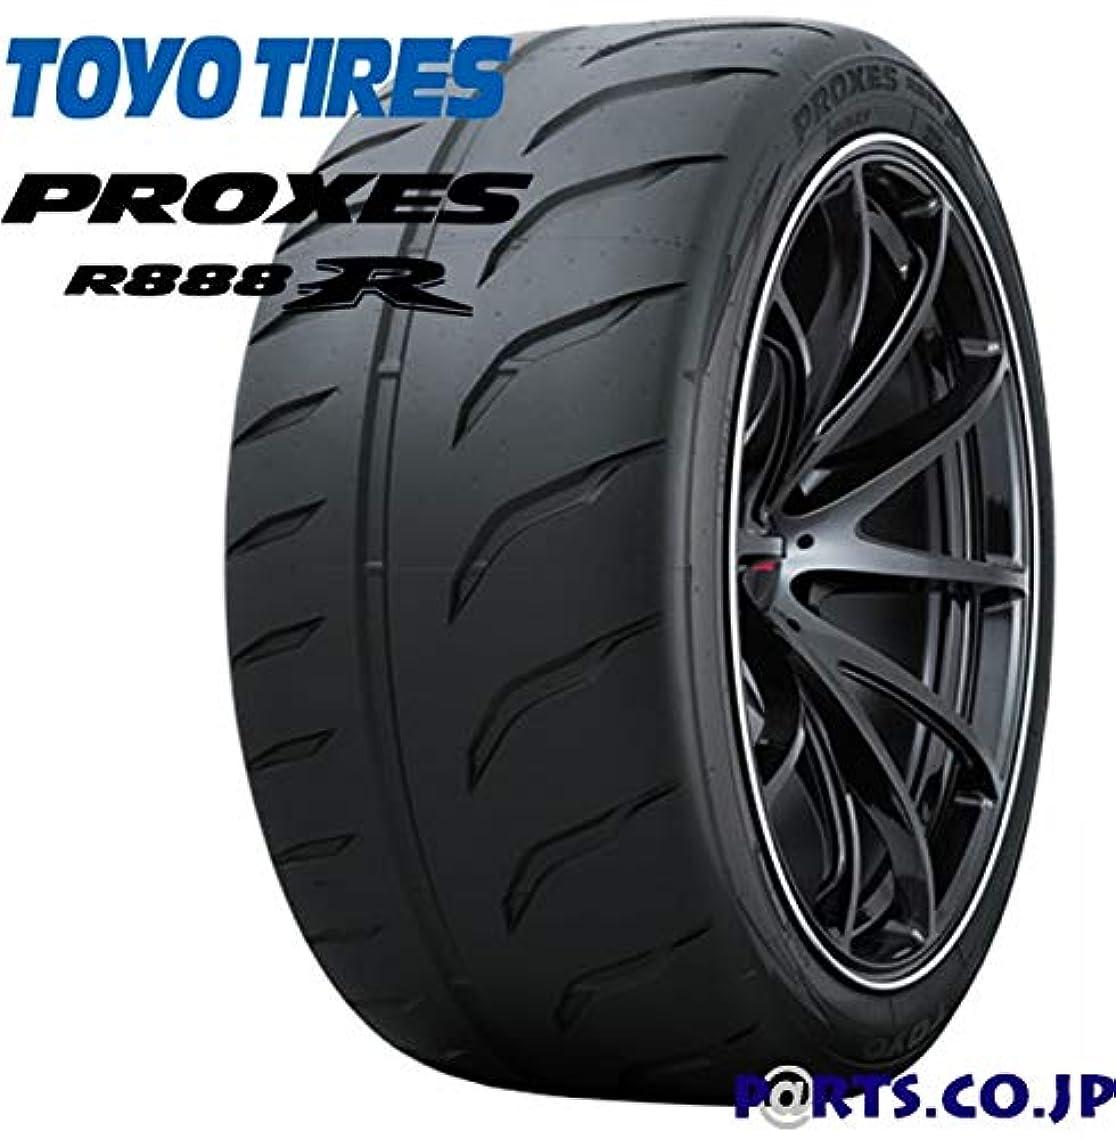 レベルマイルストーンレジデンスタイヤ PROXES R888R 205/45ZR17 88W TOYO トーヨー